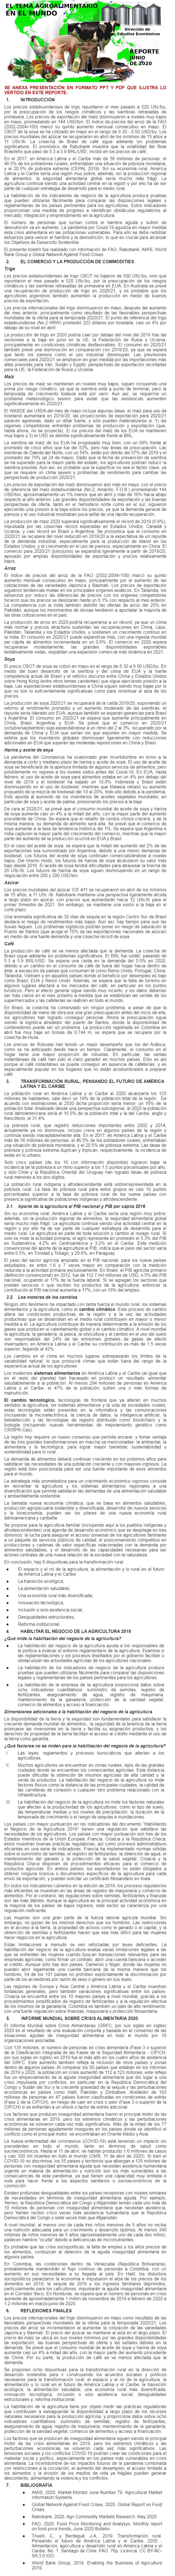 REPORTE: EL TEMA AGROALIMENTARIO EN EL MUNDO, JUNIO 2020.